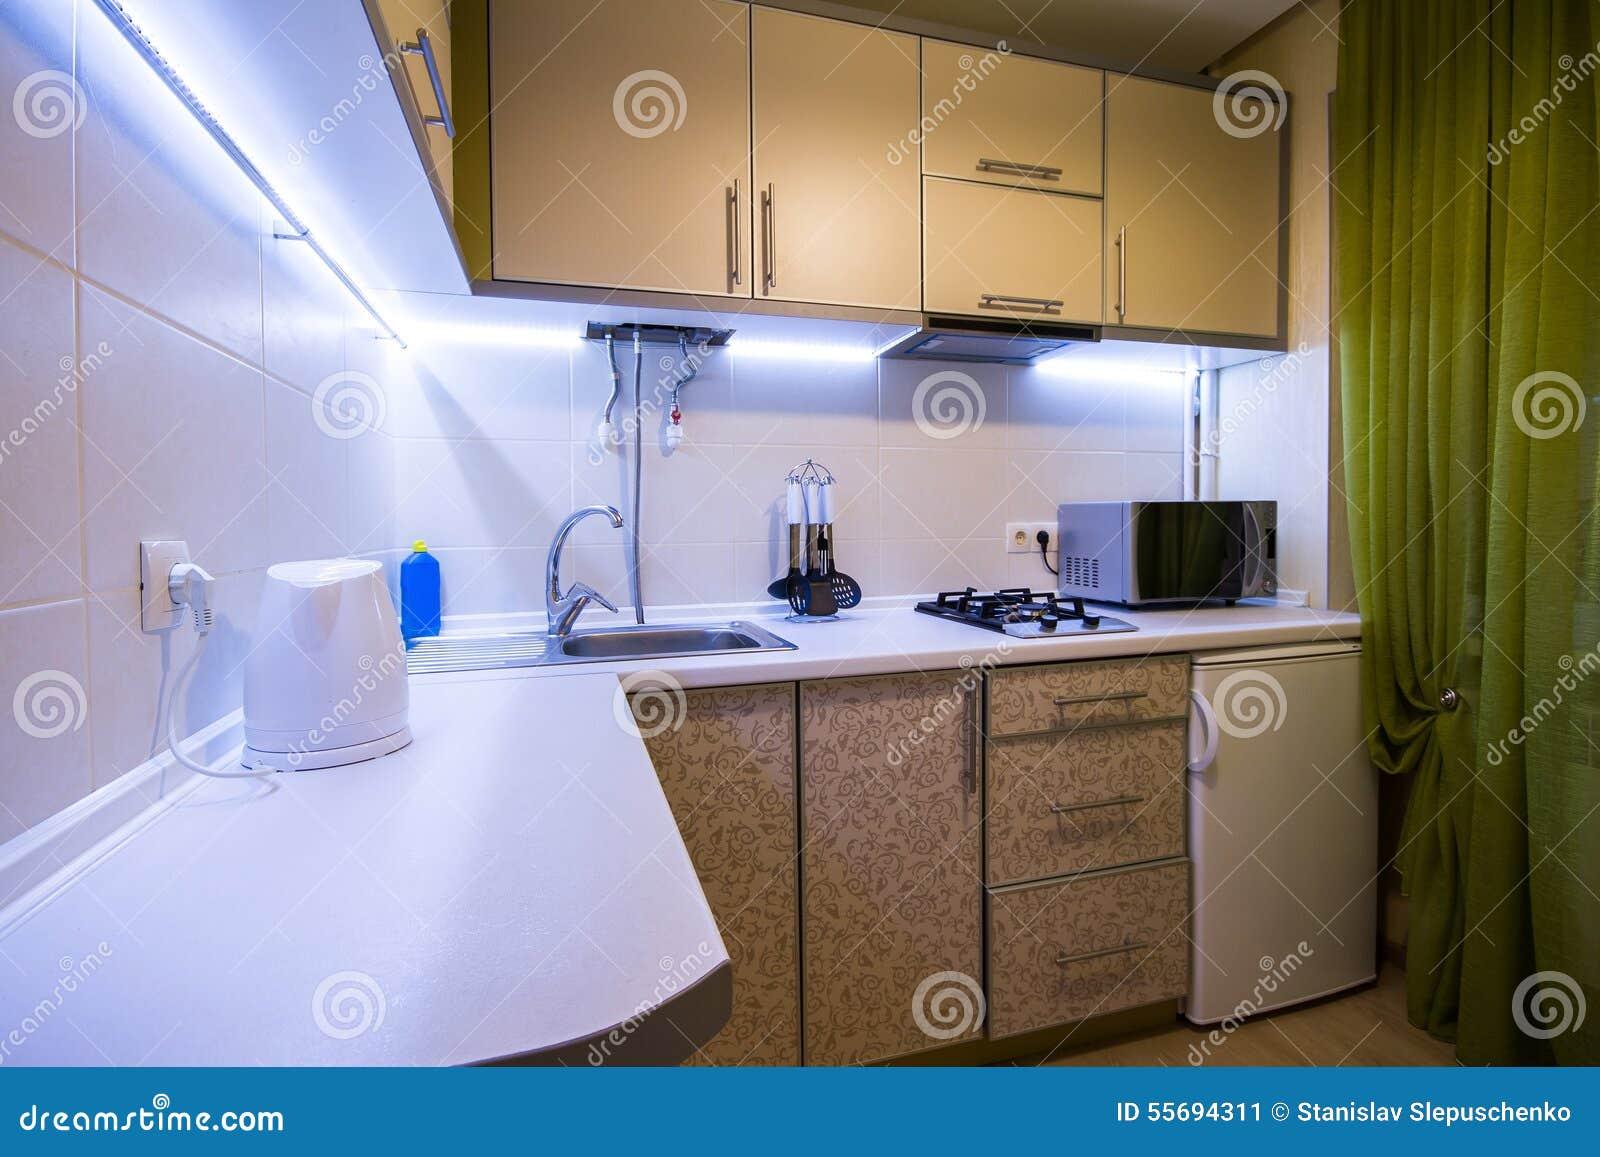 Rideau de cuisine moderne rideaux cuisine moderne 3d for Les petites cuisines modernes